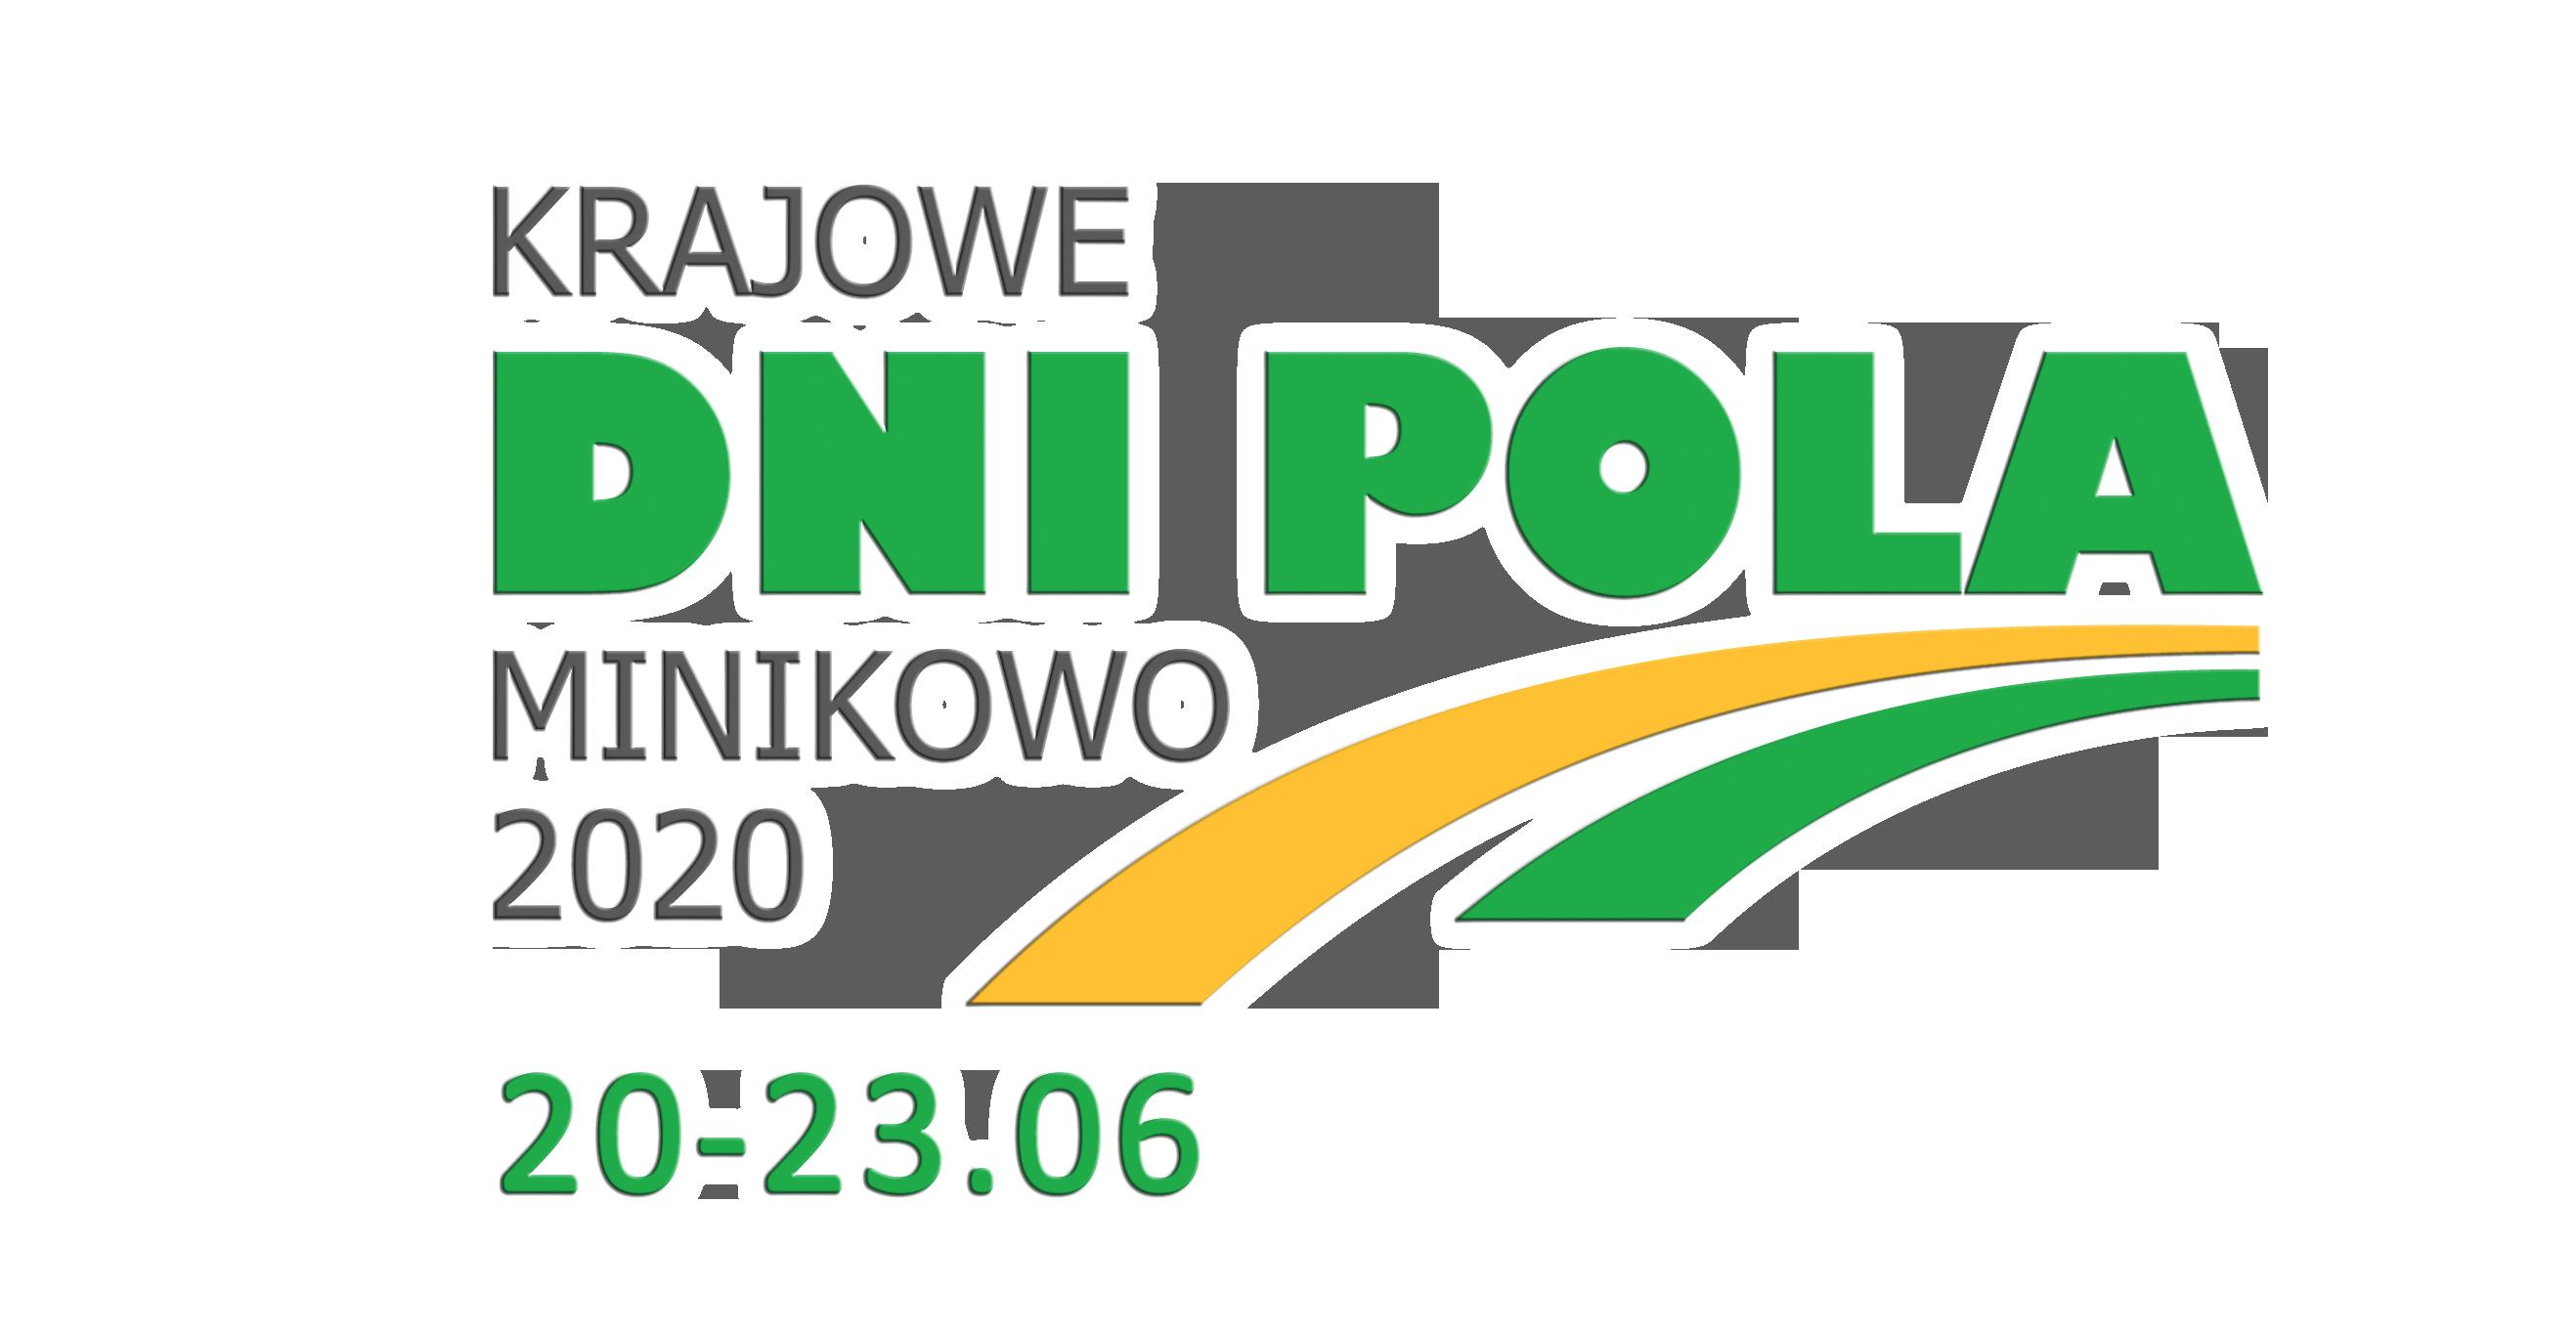 Zapraszamy na Krajowe Dni Pola Minikowo 2020